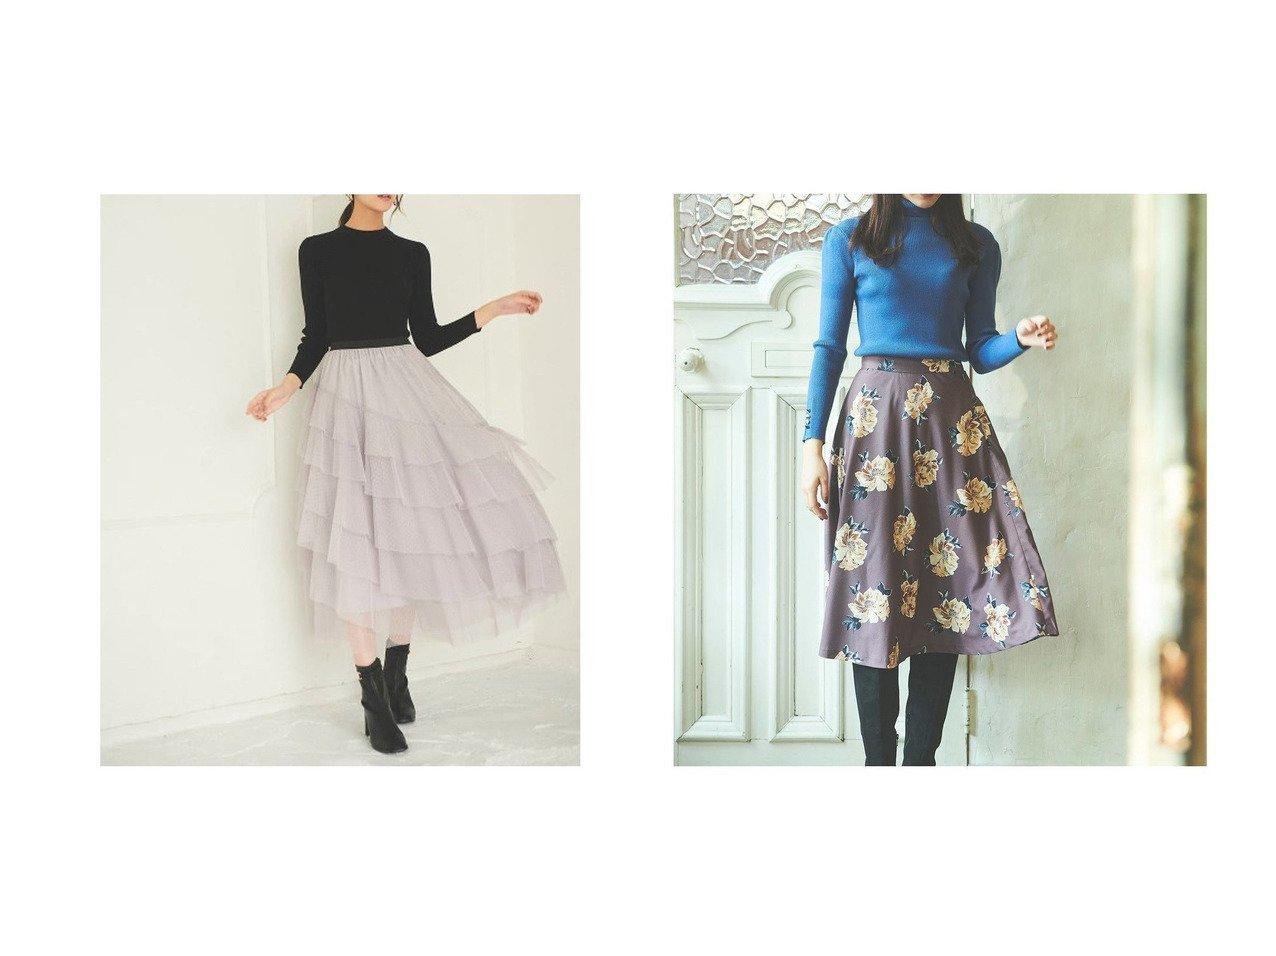 【31 Sons de mode/トランテアン ソン ドゥ モード】の【スカート】フラワープリントフレアスカート&【スカート 】フリルドットチュールスカート スカートのおすすめ!人気、レディースファッションの通販 おすすめで人気のファッション通販商品 インテリア・家具・キッズファッション・メンズファッション・レディースファッション・服の通販 founy(ファニー) https://founy.com/ ファッション Fashion レディース WOMEN スカート Skirt Aライン/フレアスカート Flared A-Line Skirts シンプル フェミニン フリル 冬 Winter  ID:crp329100000001516